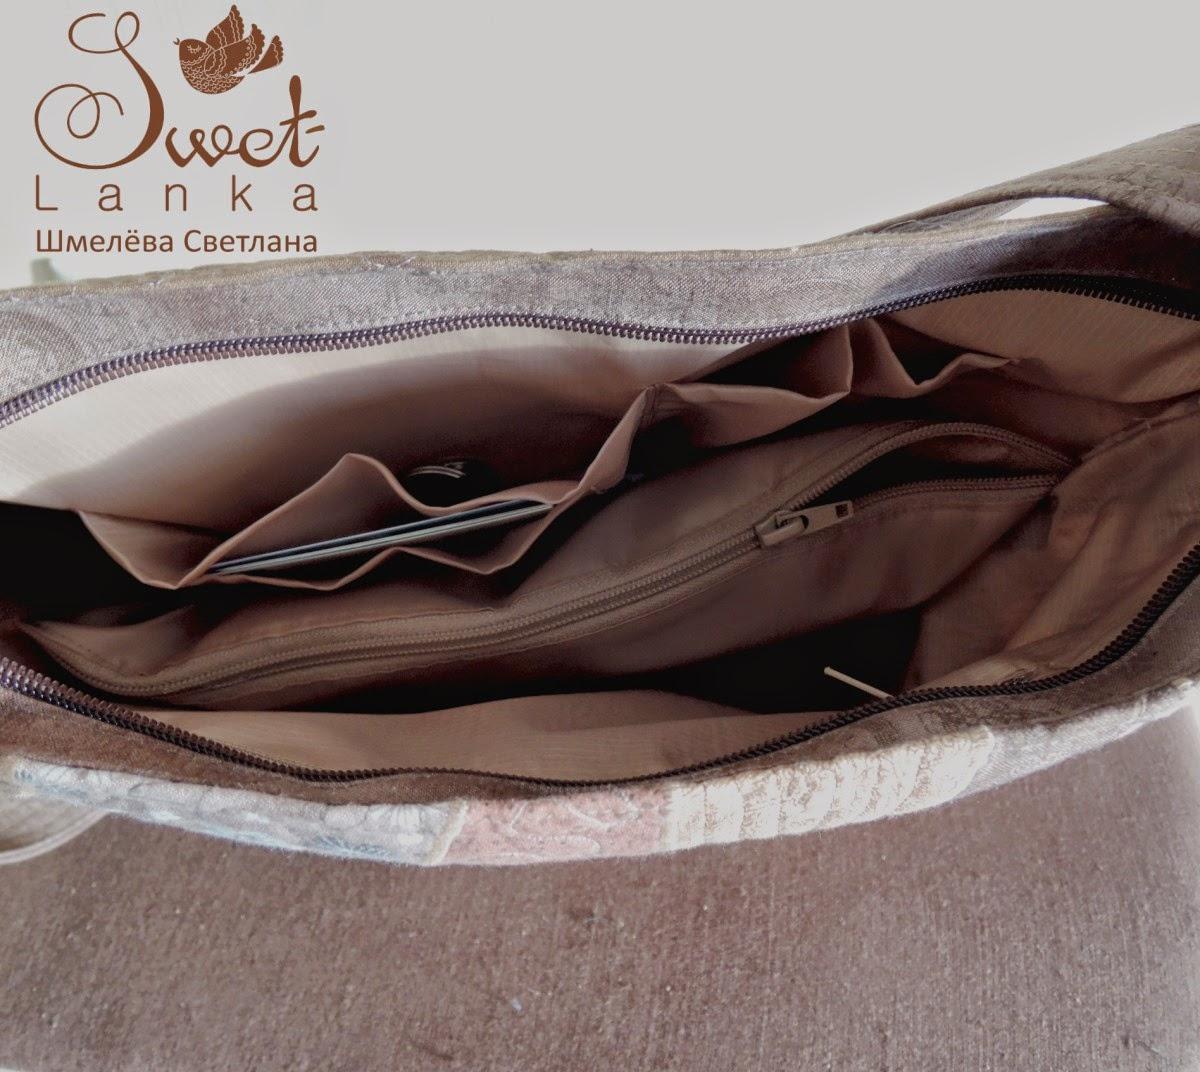 внутренние карманы в сумке